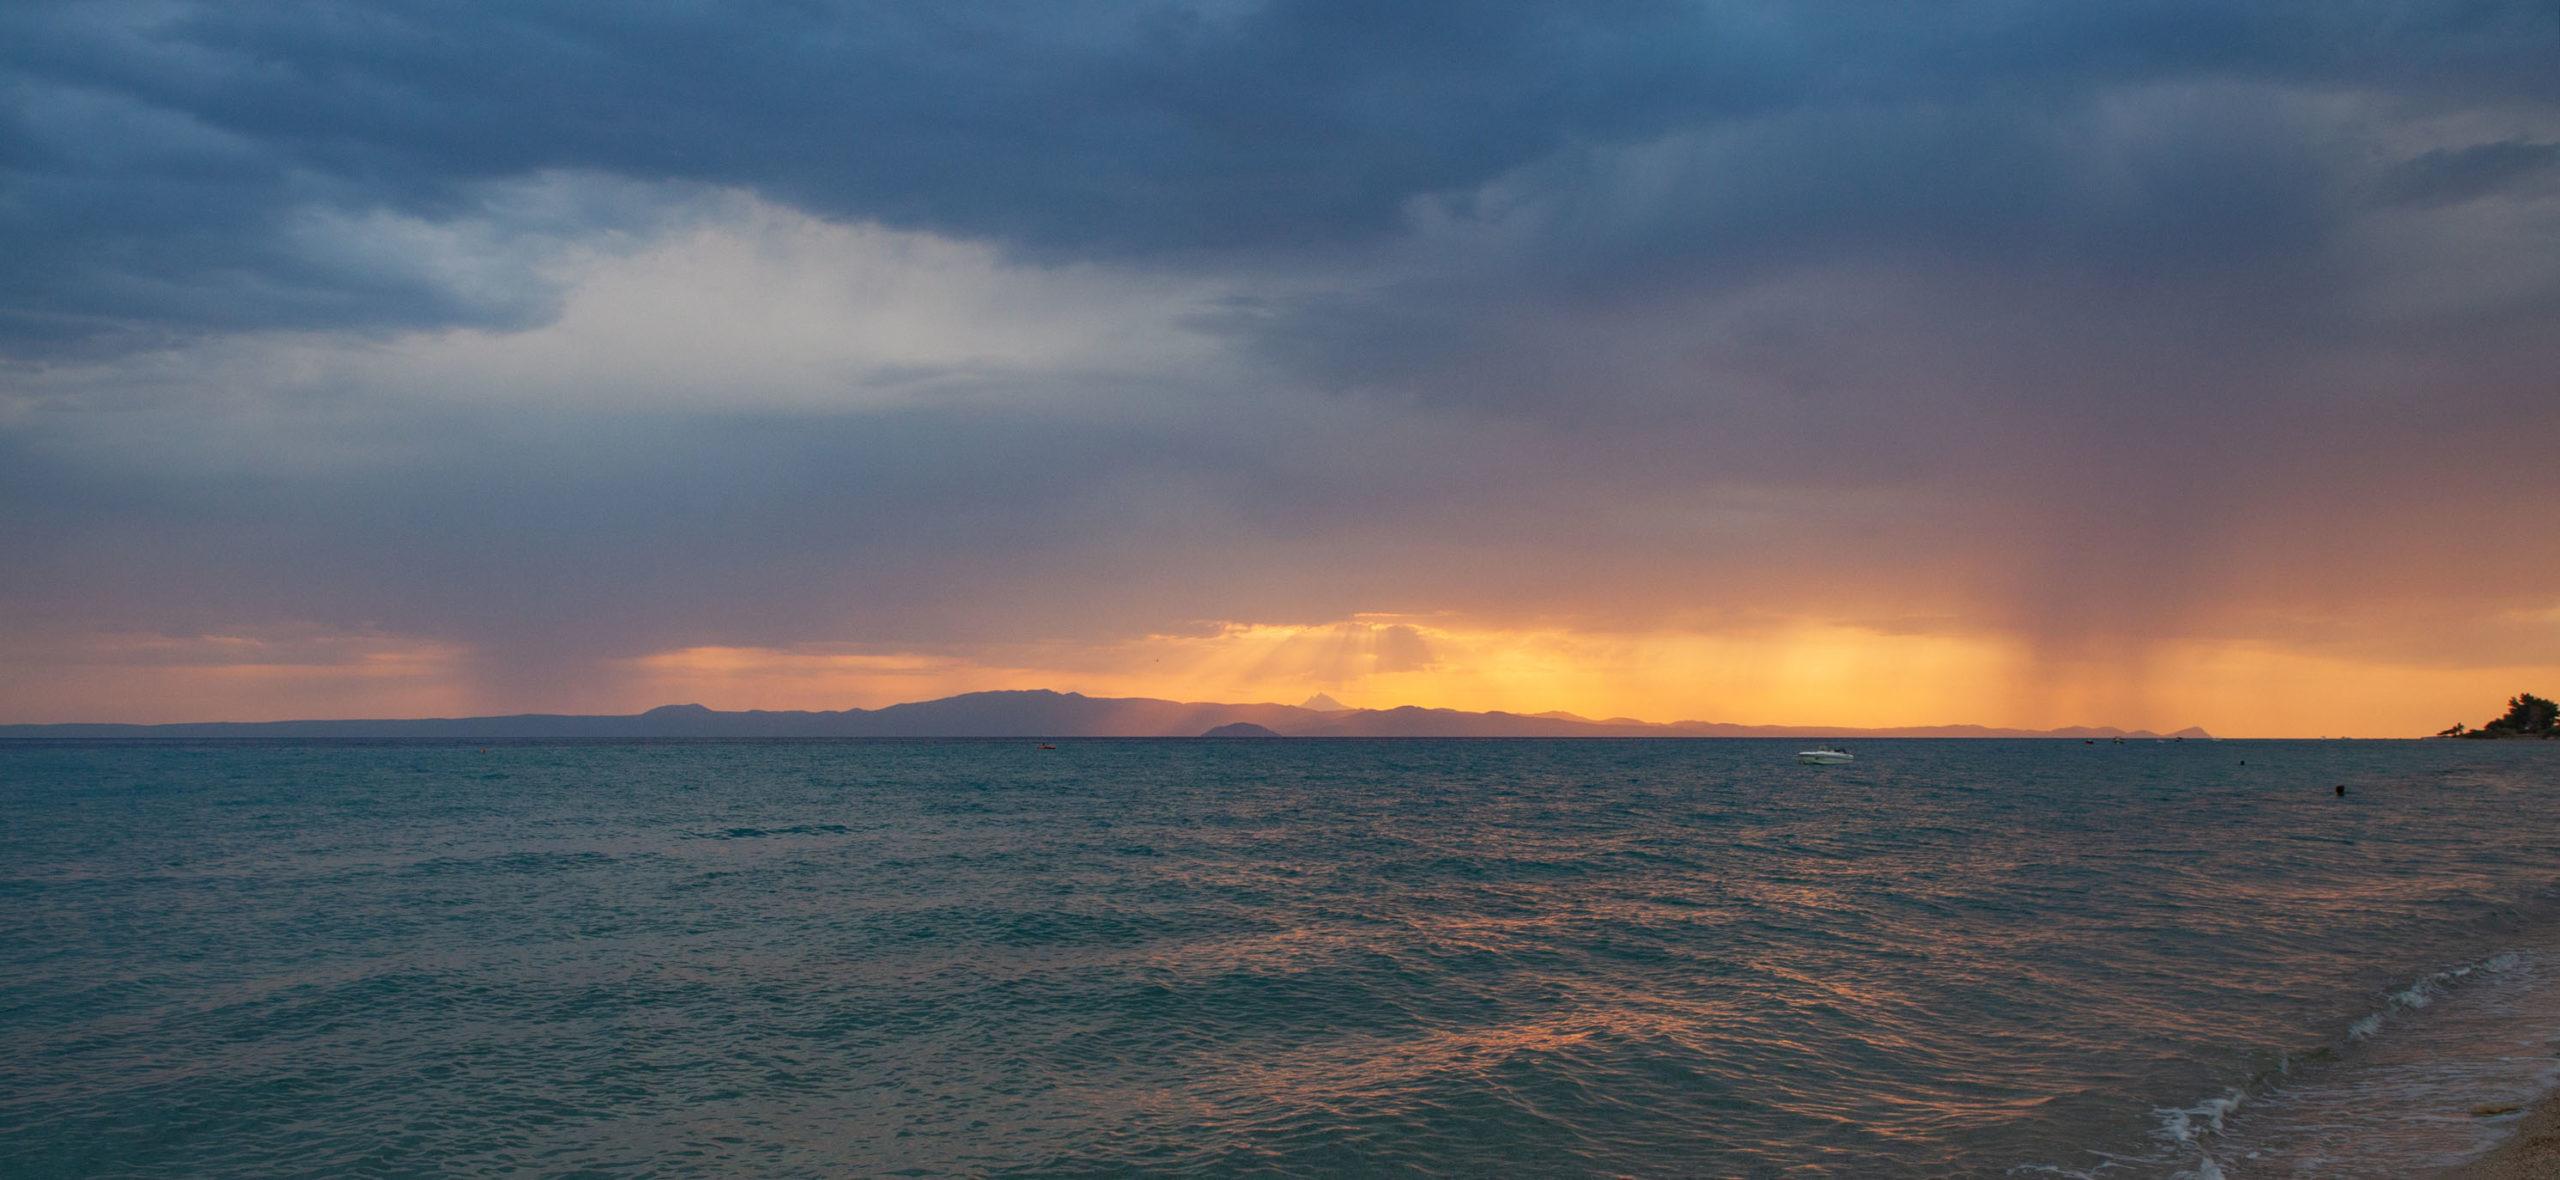 Θέα προς το Άγιο Όρος από τη παραλία του Πολυχρόνου.